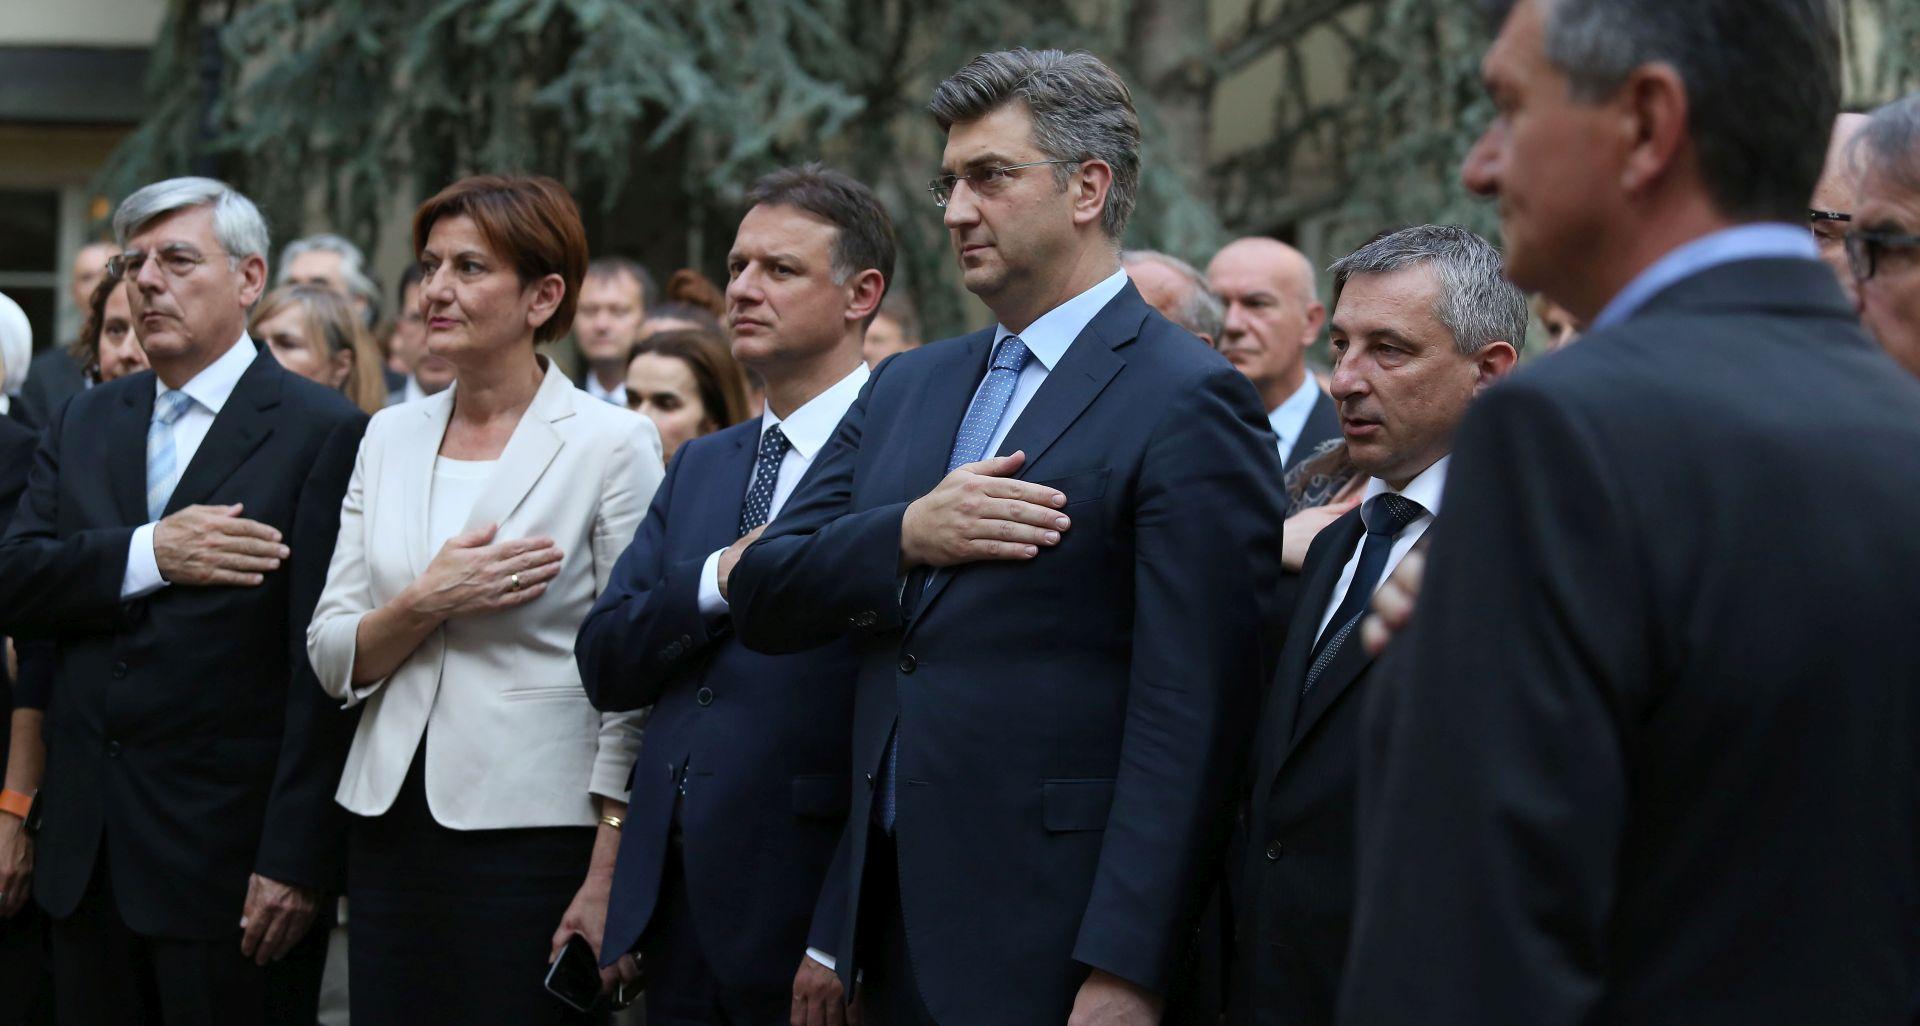 Plenković kaže da je Hrvatska predana strateškim ciljevima u okviru EU-a i NATO-a